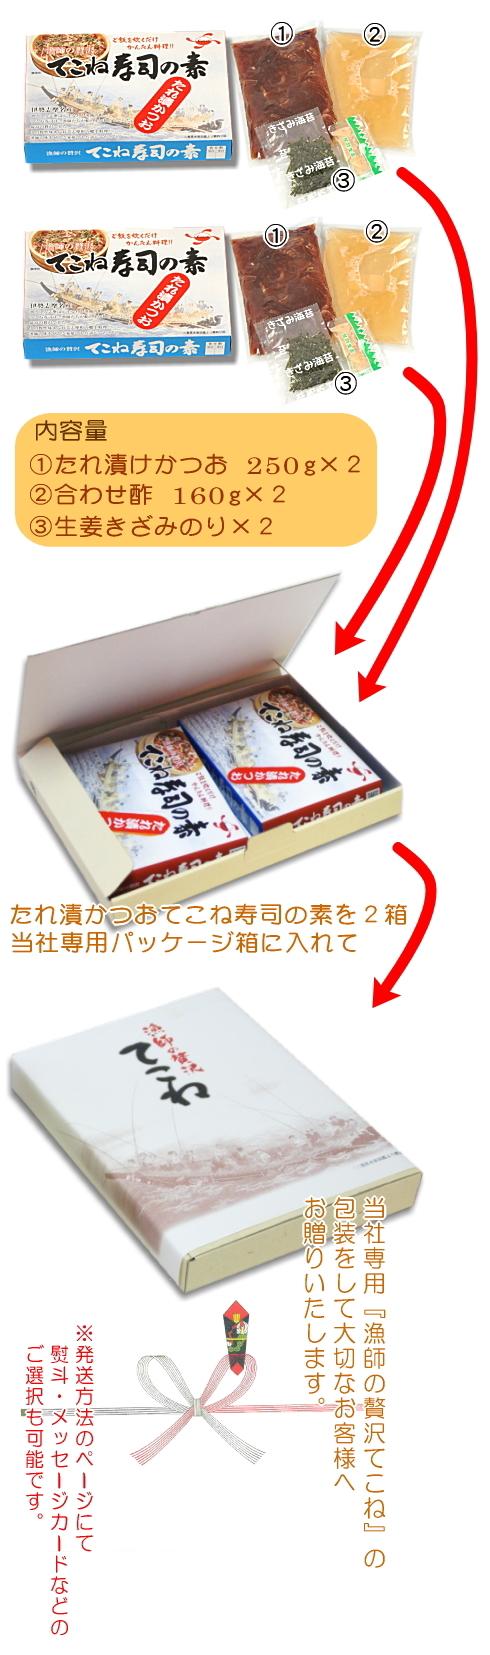 たれ漬かつおてこね寿司の素詰合せ(10人前用)